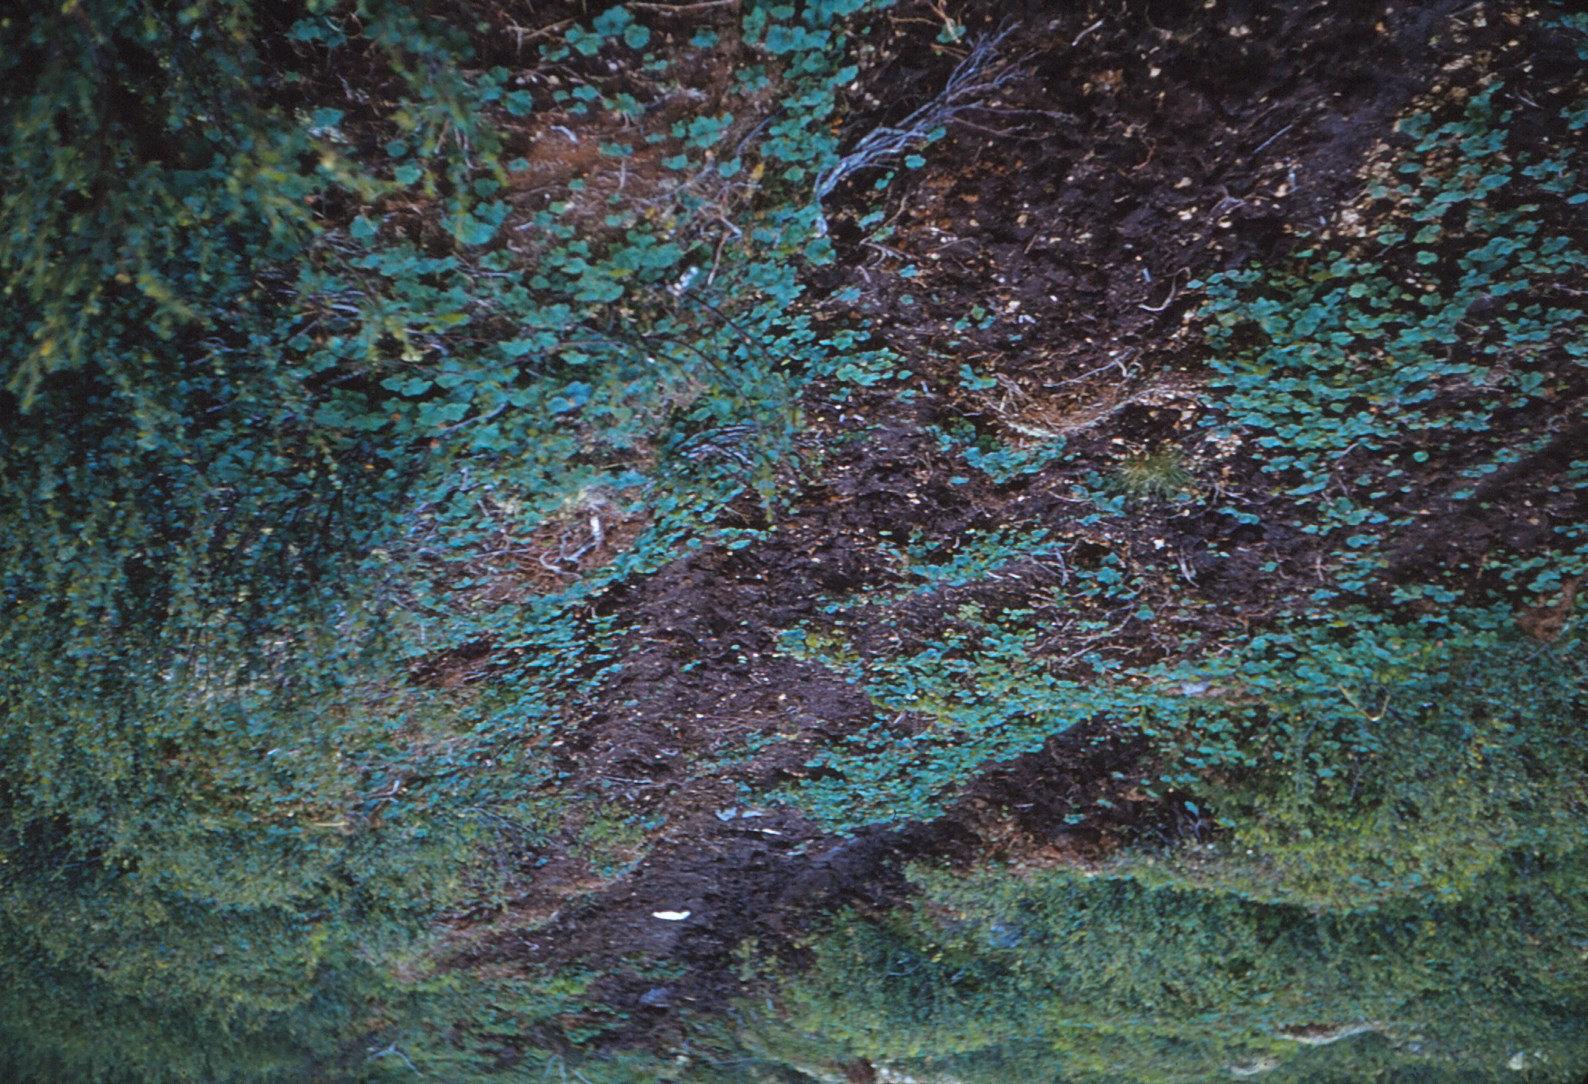 1007 (8) Veen bij tvillingsvann